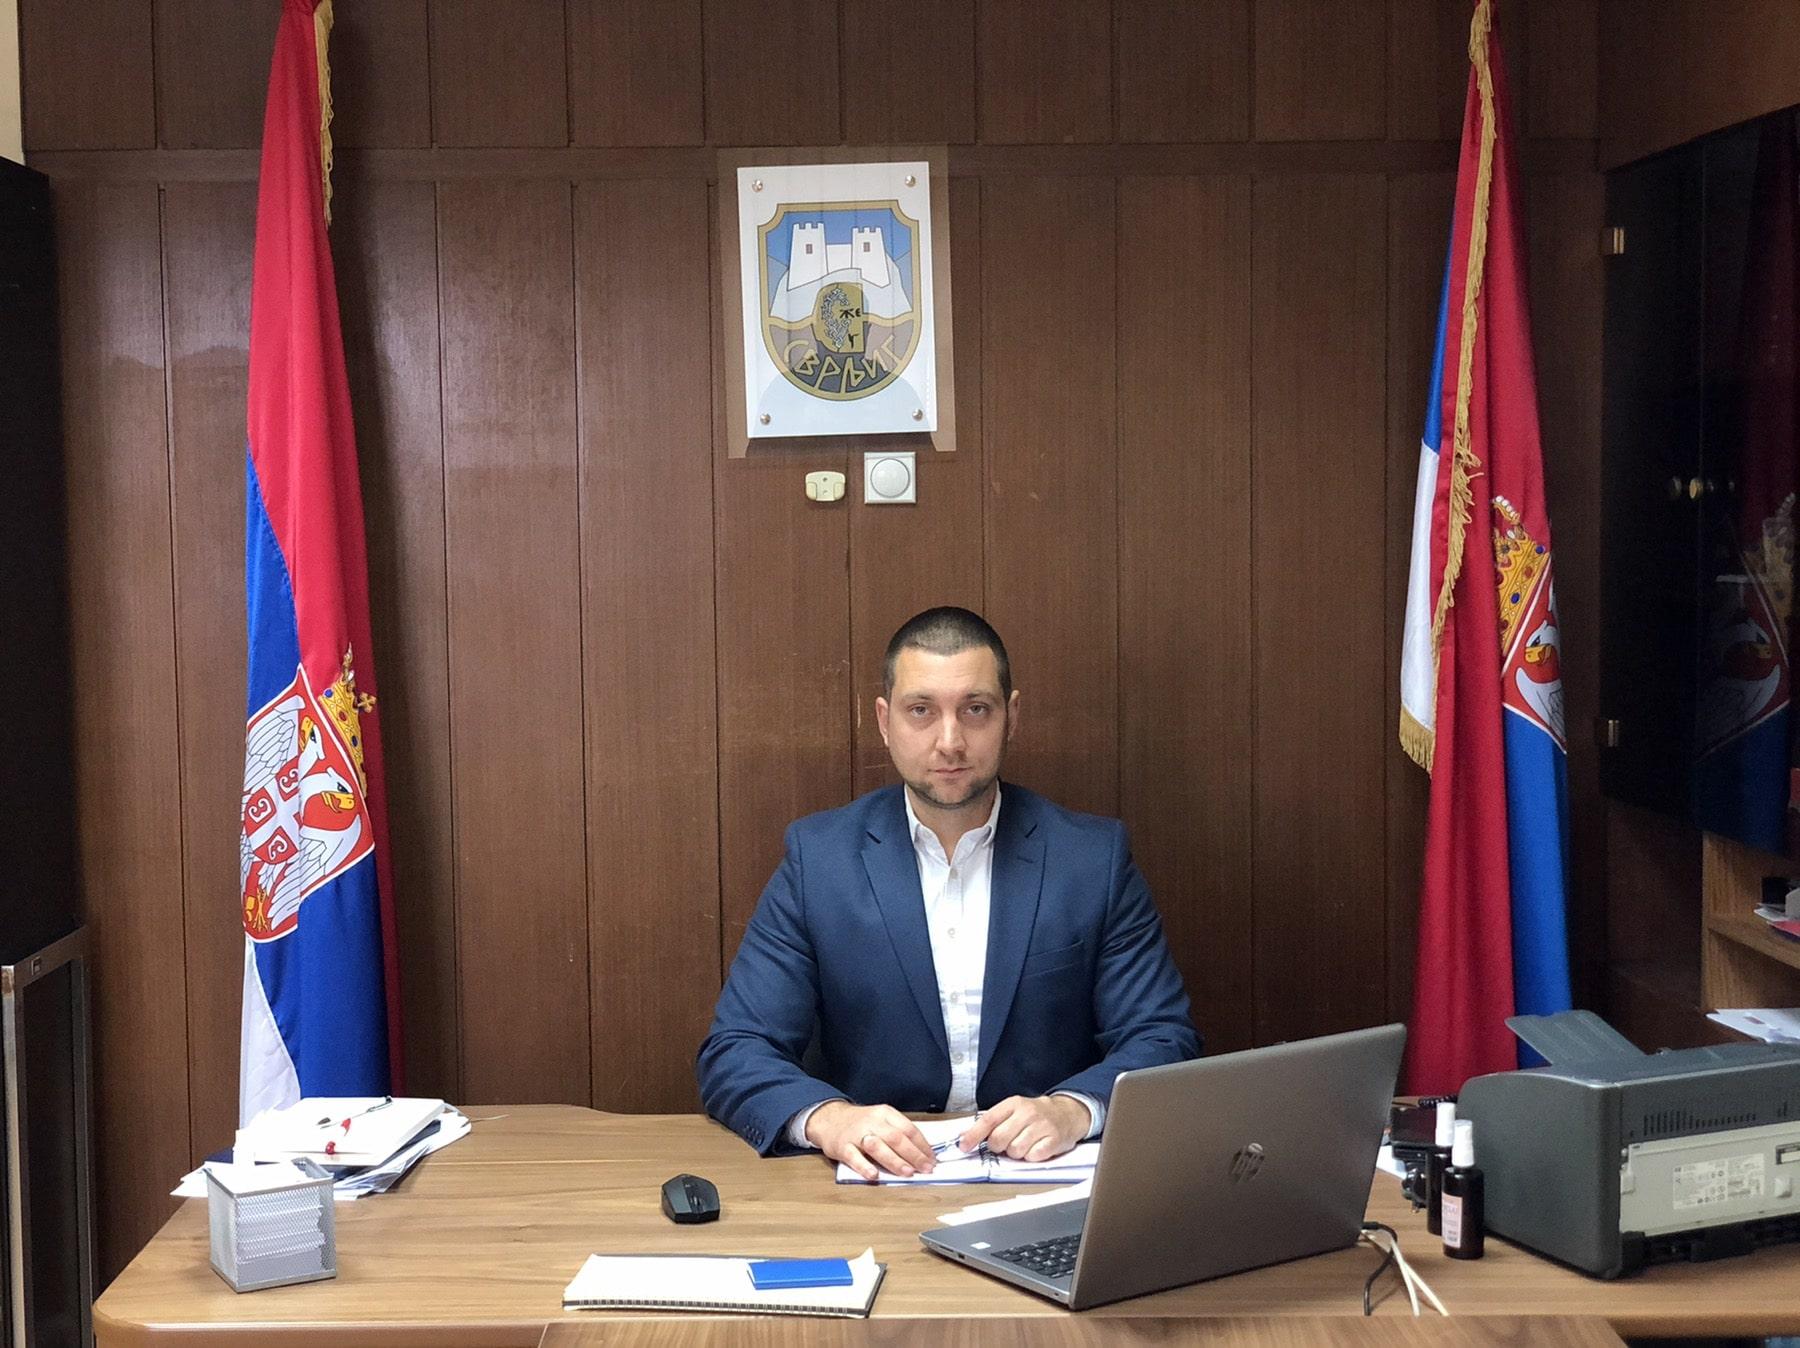 Predsednik opštine Svrljig Miroslav Marković, foto: Opština Svrljig